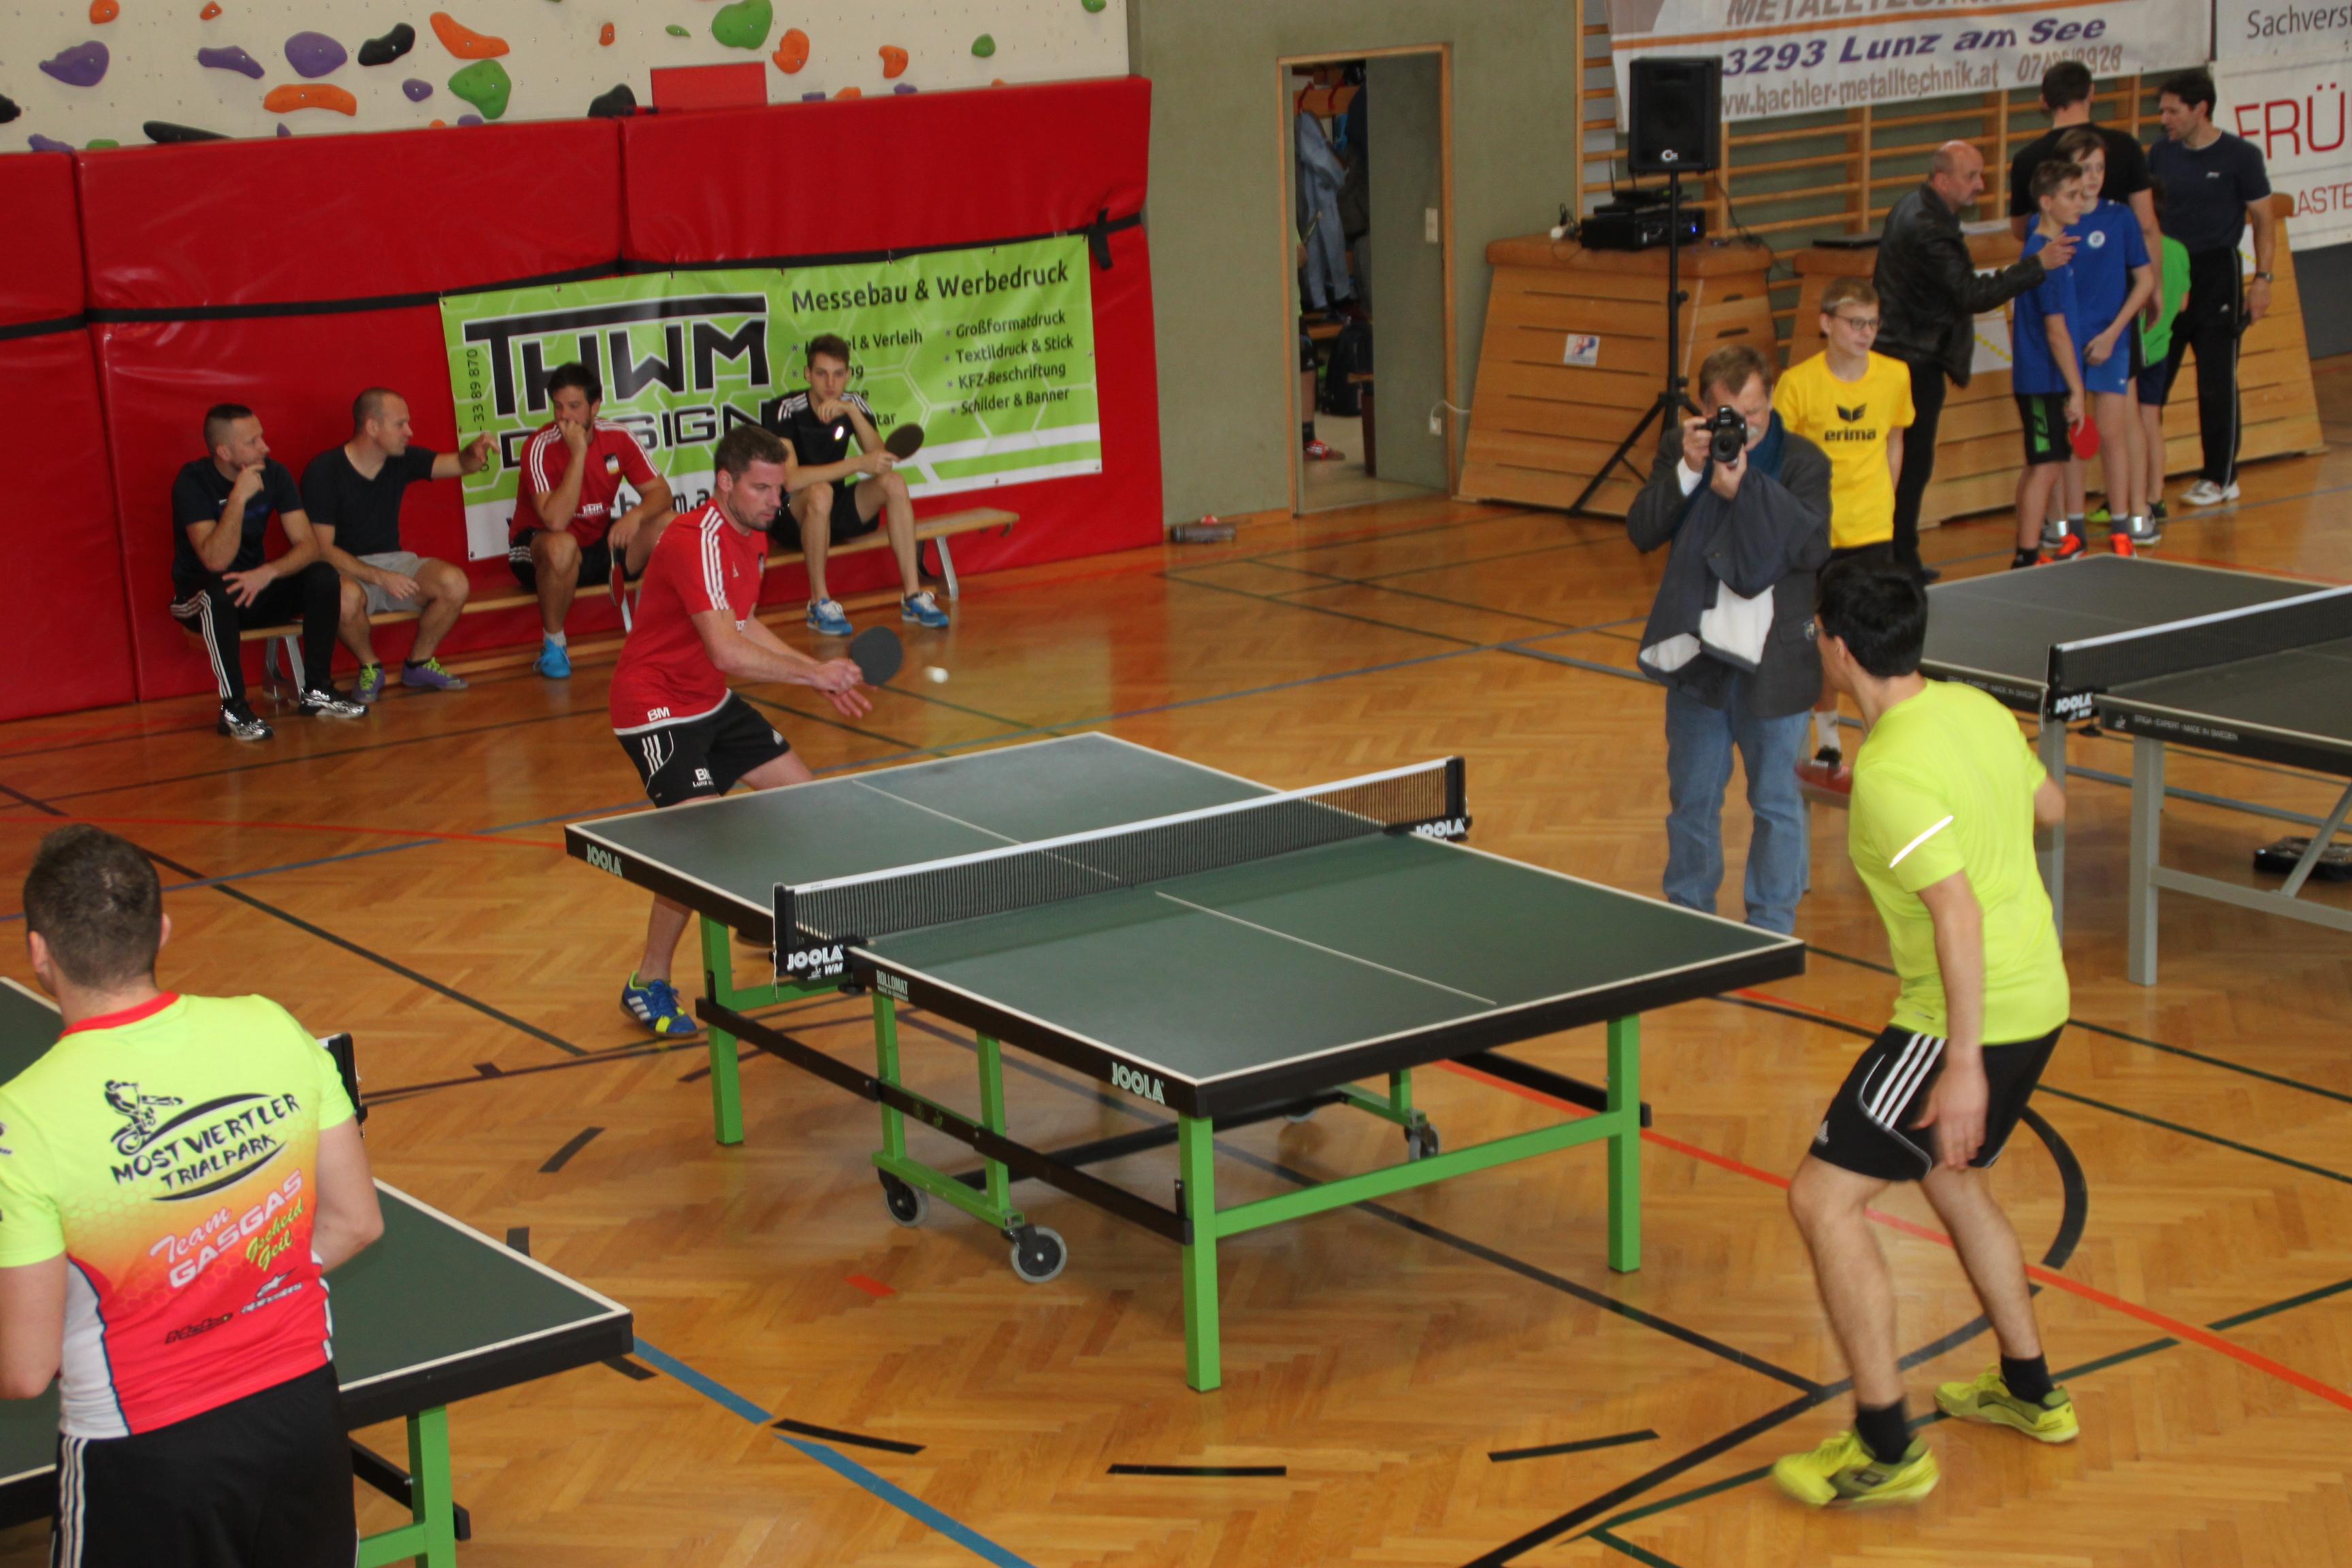 Beim 4. ASKÖ-Tischtennis-Turnier für Hobby-Spieler sind Sportler aller Altersklassen willkommen. Der Bewerb startet am Samstag, 23. November, um 11.30 Uhr im Lunzer Turnsaal.